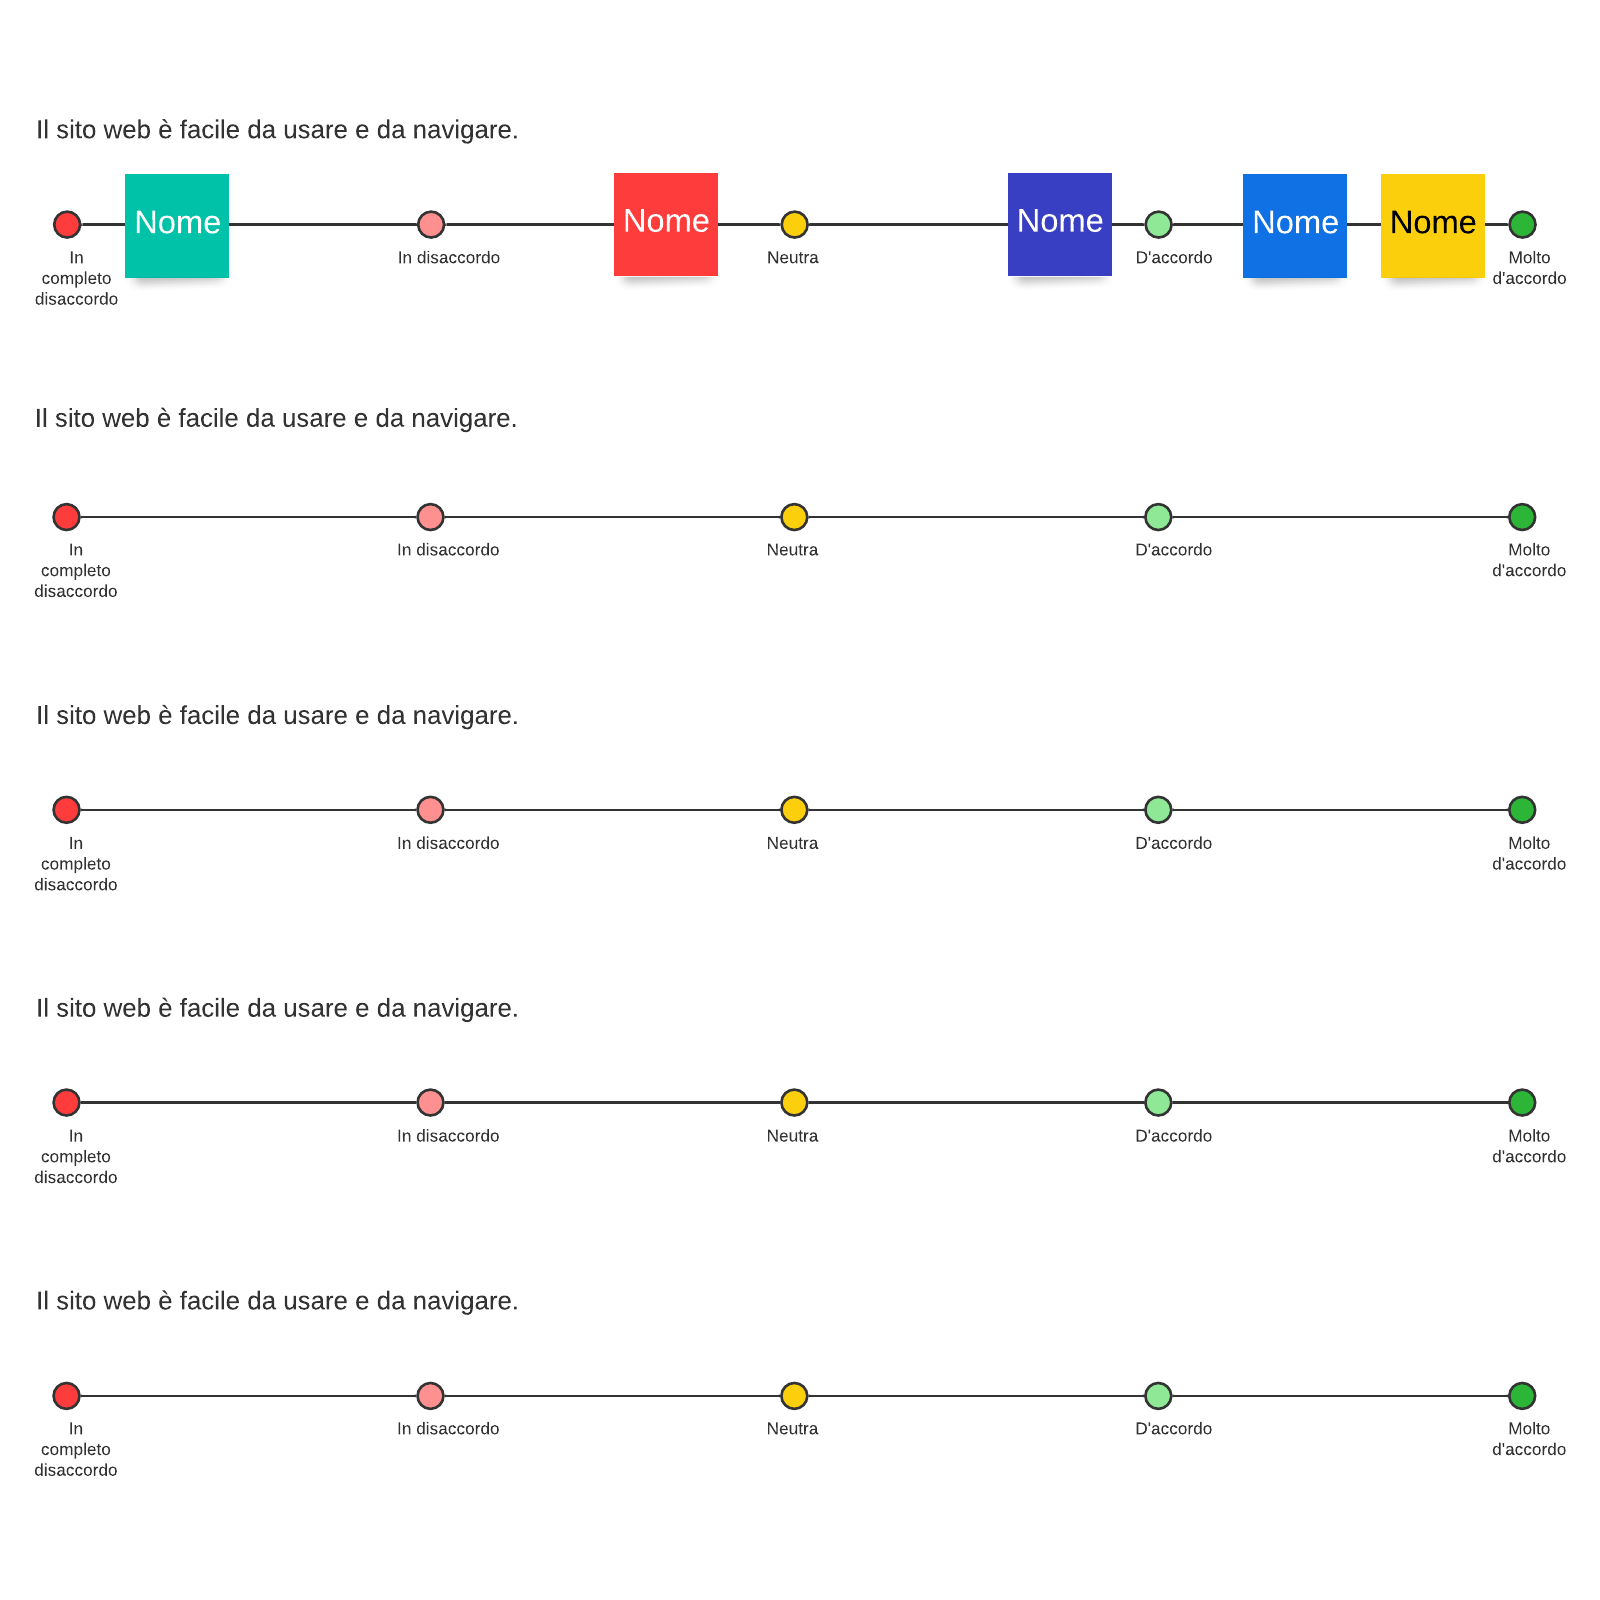 modello scala likert